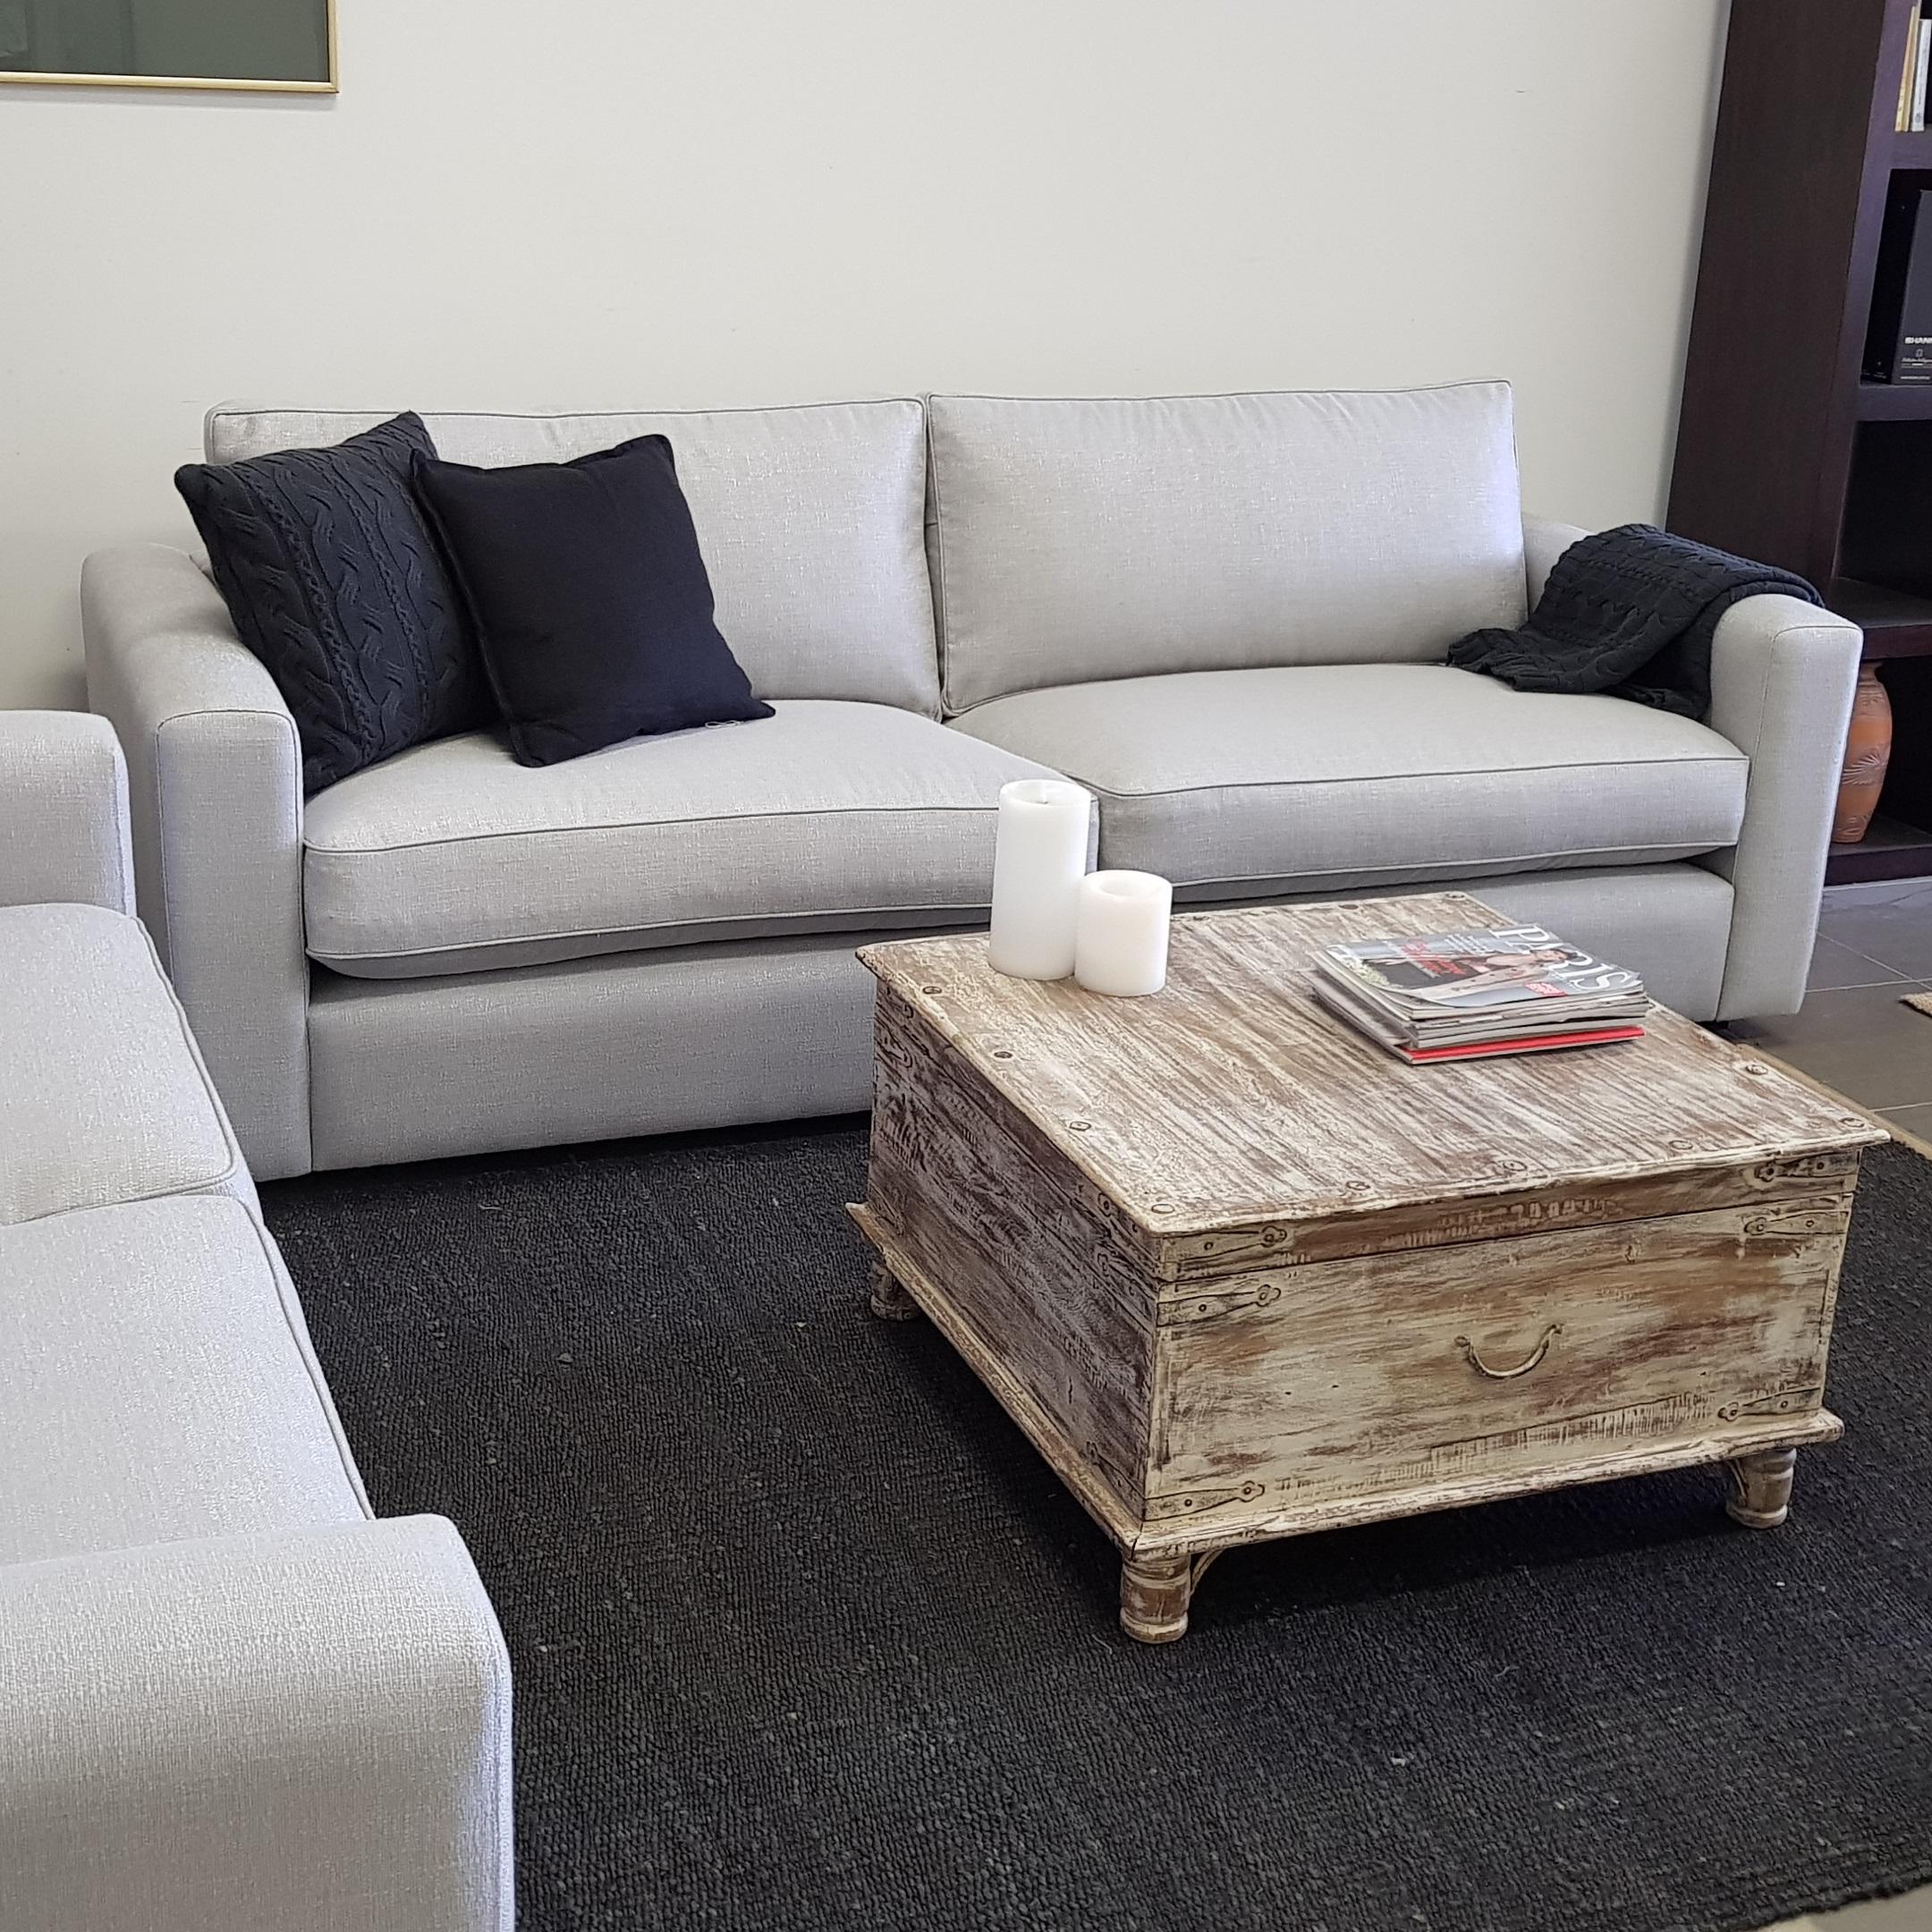 Oscar sofa range - Standard 15cm arm recessed plinth